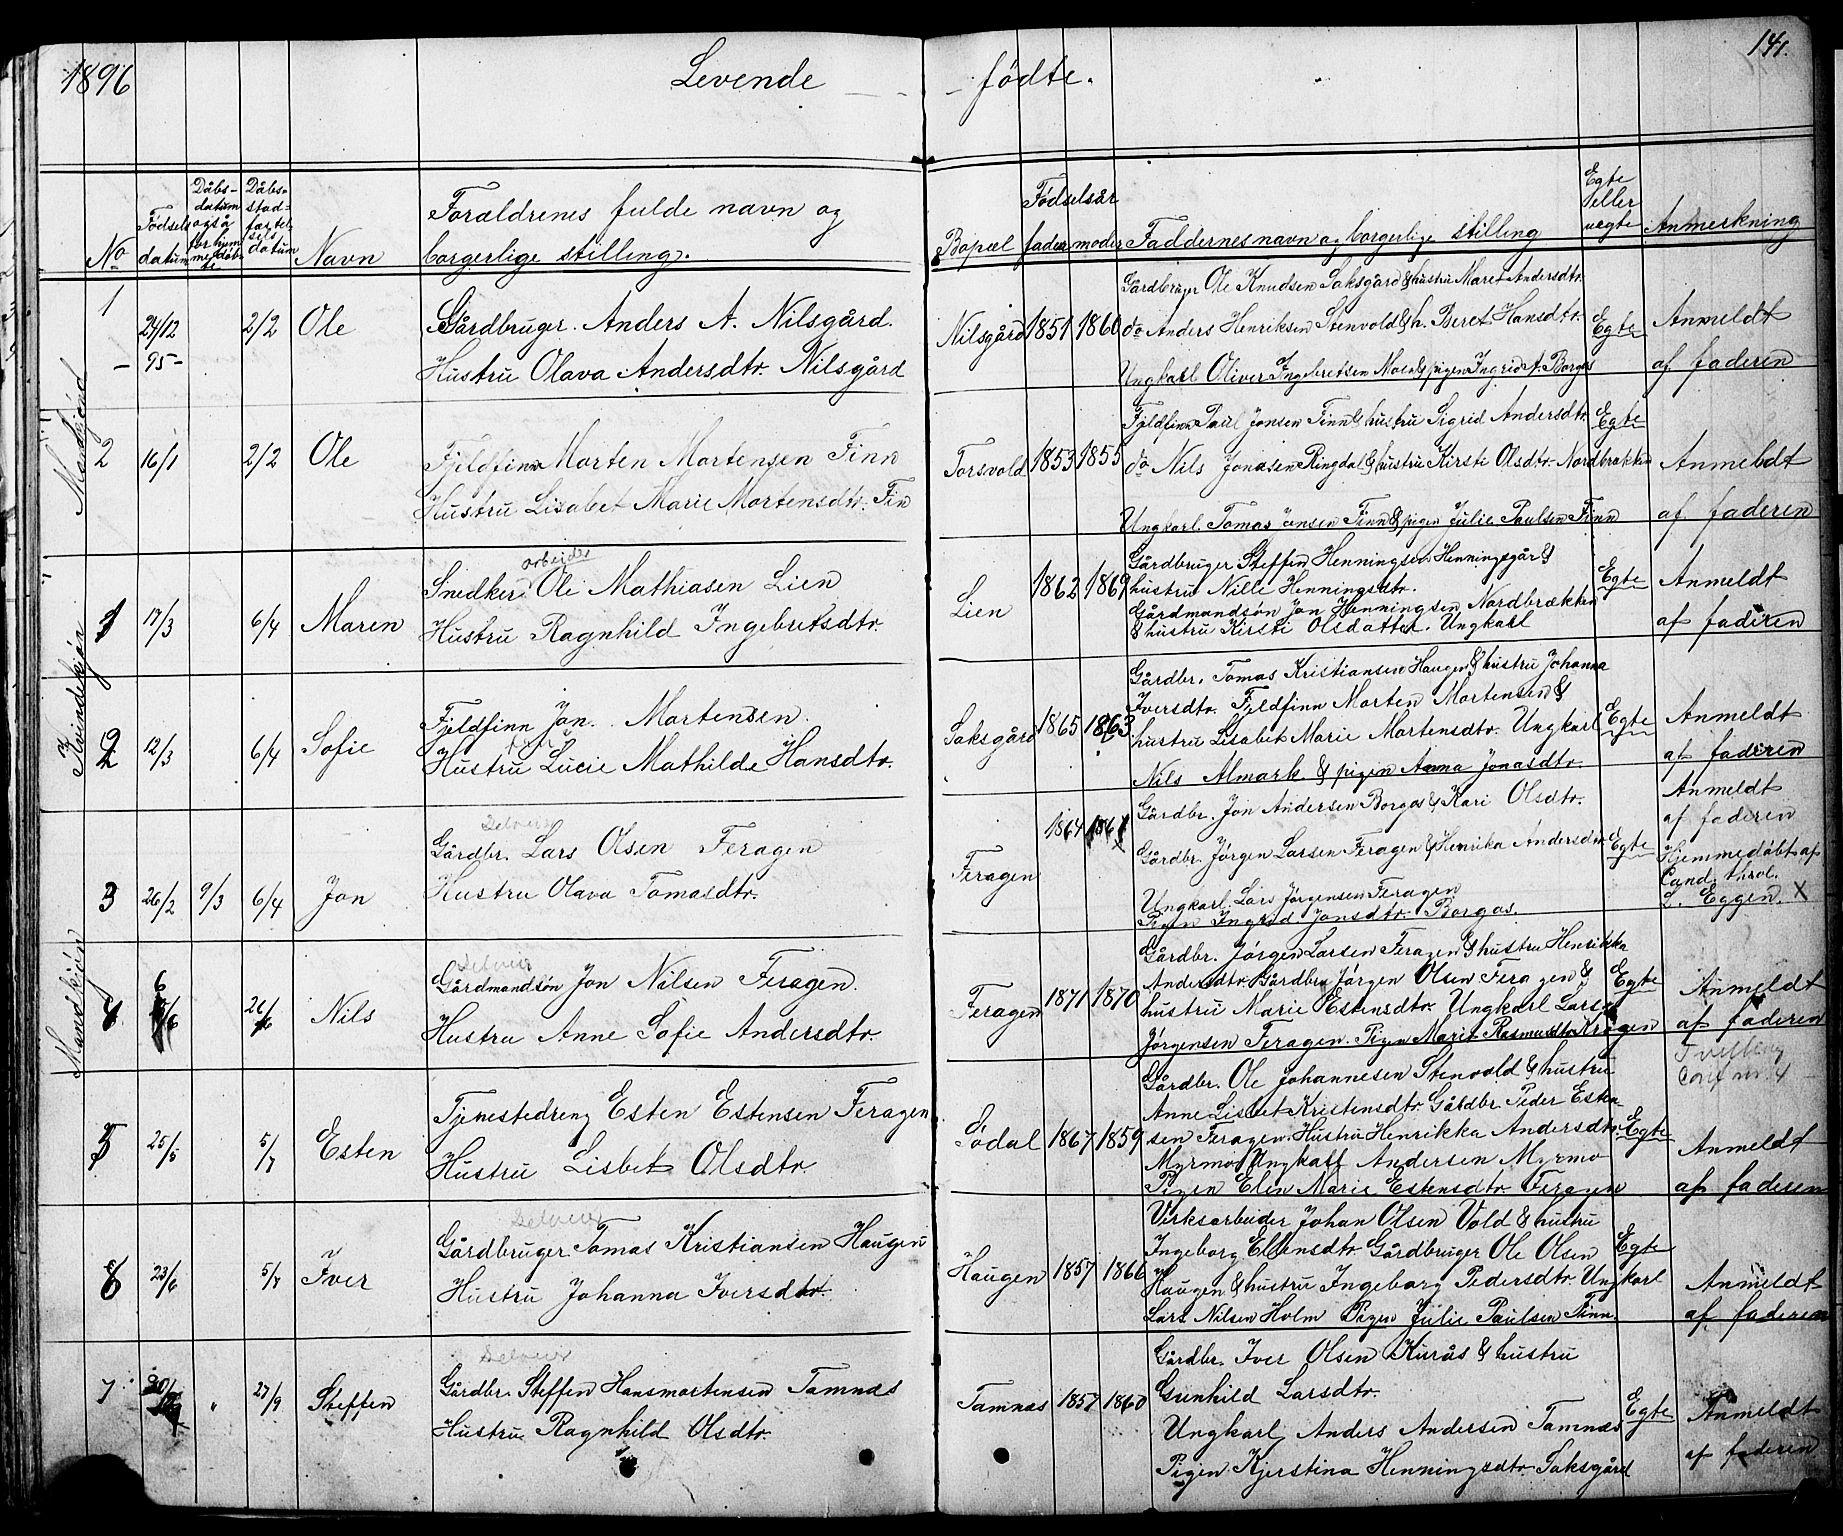 SAT, Ministerialprotokoller, klokkerbøker og fødselsregistre - Sør-Trøndelag, 683/L0949: Klokkerbok nr. 683C01, 1880-1896, s. 141